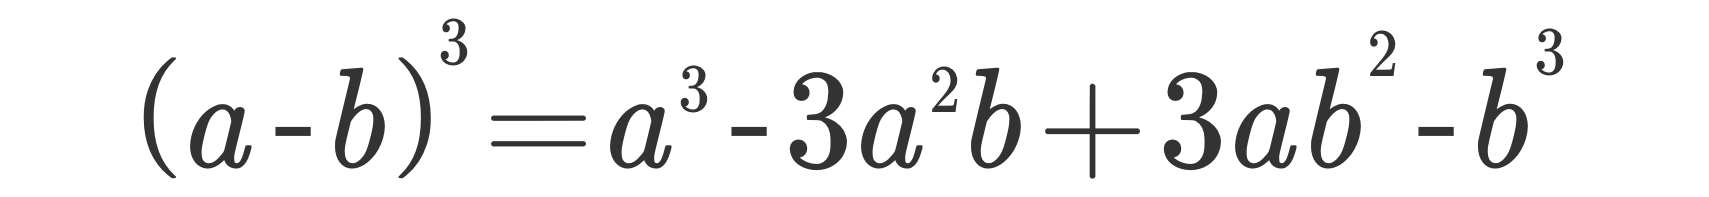 Cubo di un binomio 2